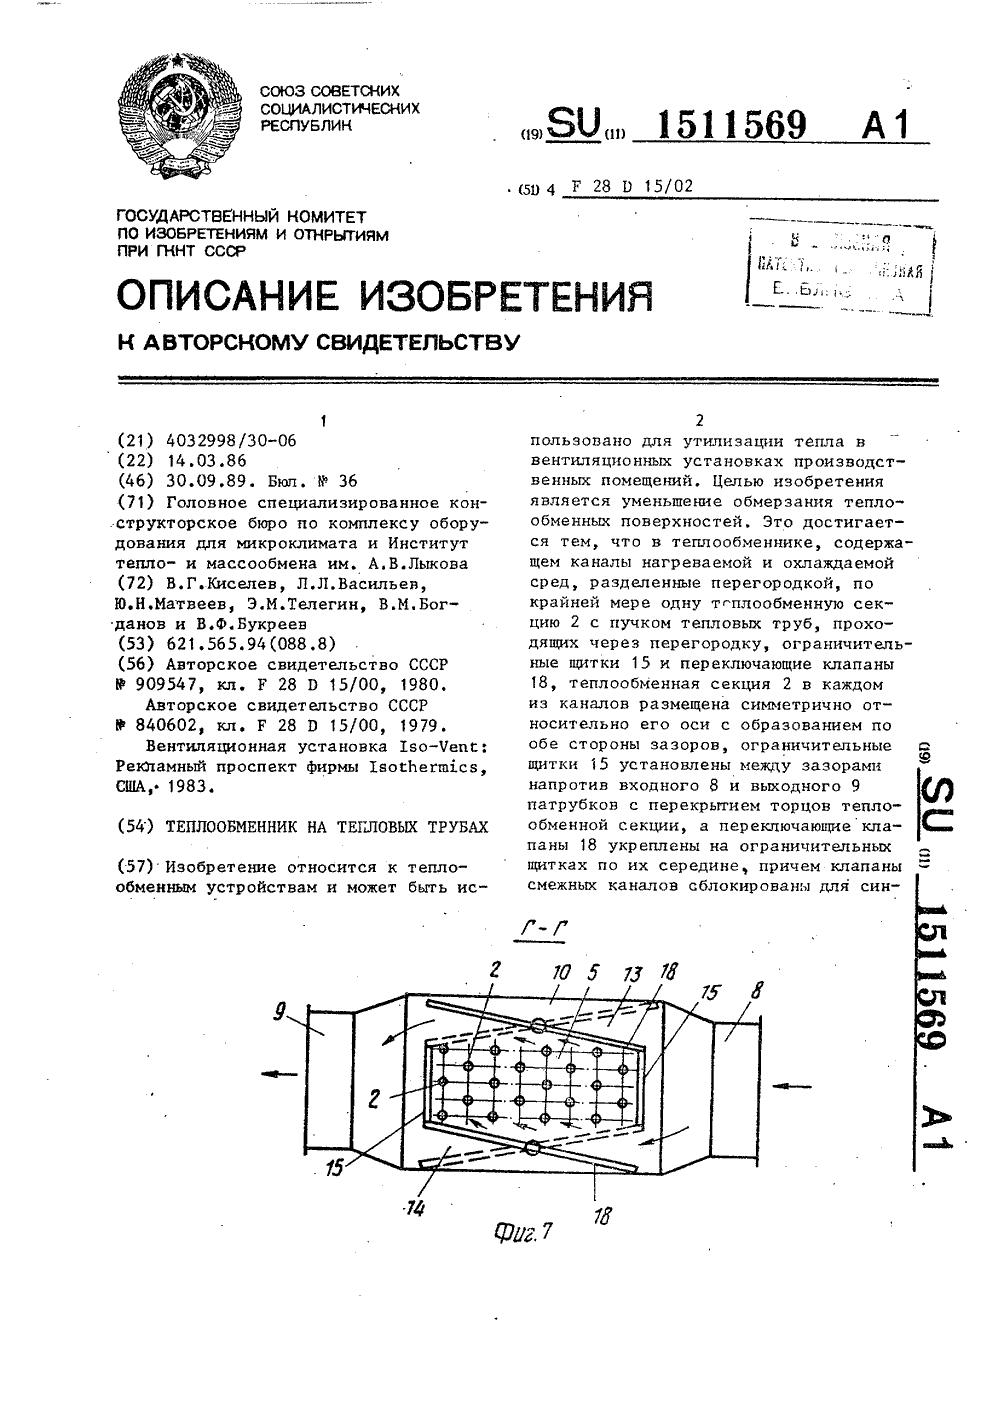 Васильев теплообменники на тепловых трубах скачать теплообменник котла junkers eurostar zwe 24 4 mfk 23